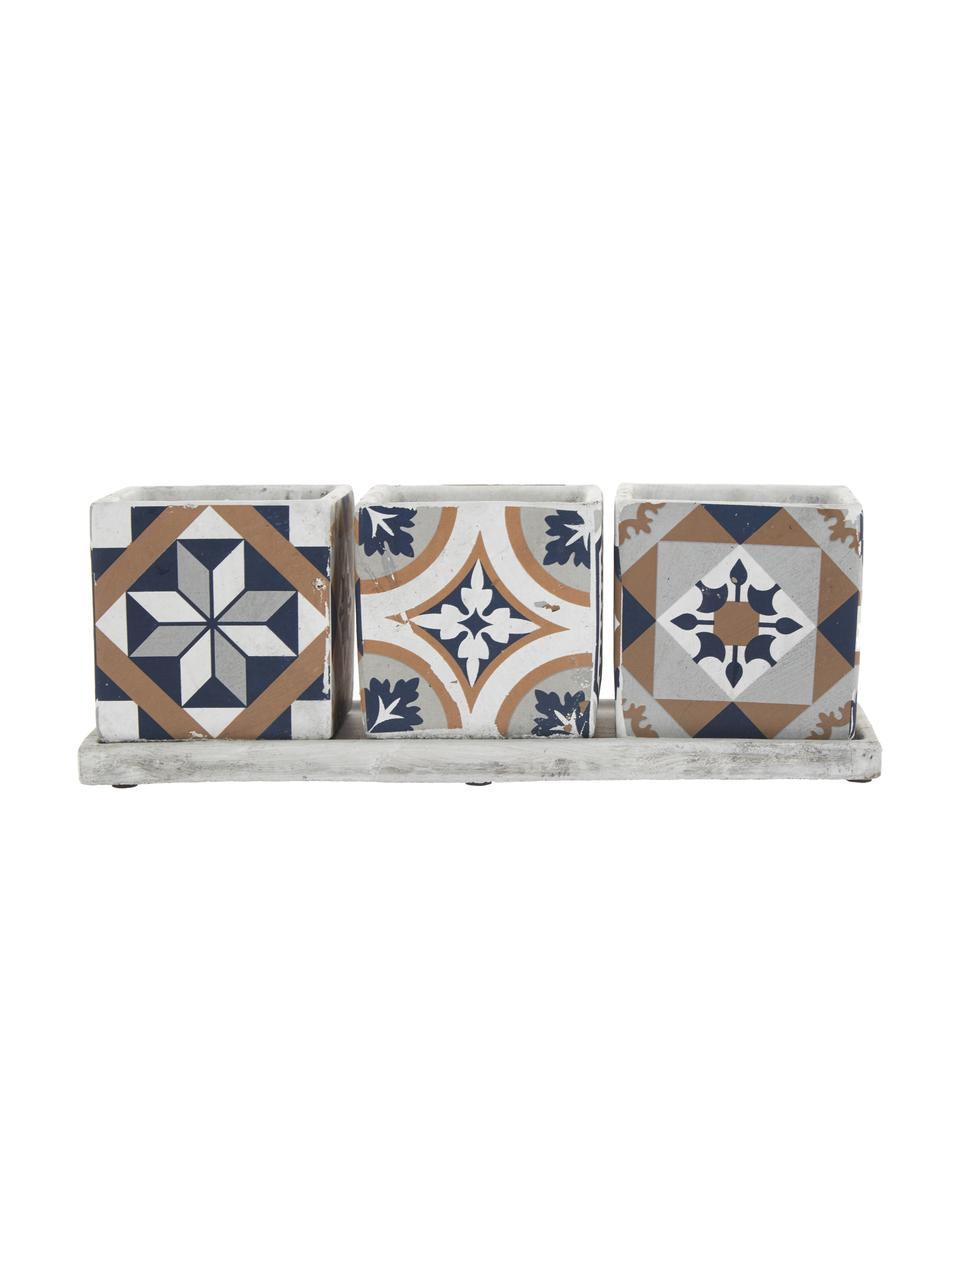 Set portavasi quadrati in cemento Portugal 4 pz, Cemento, Multicolore, Larg. 36 x Alt. 13 cm